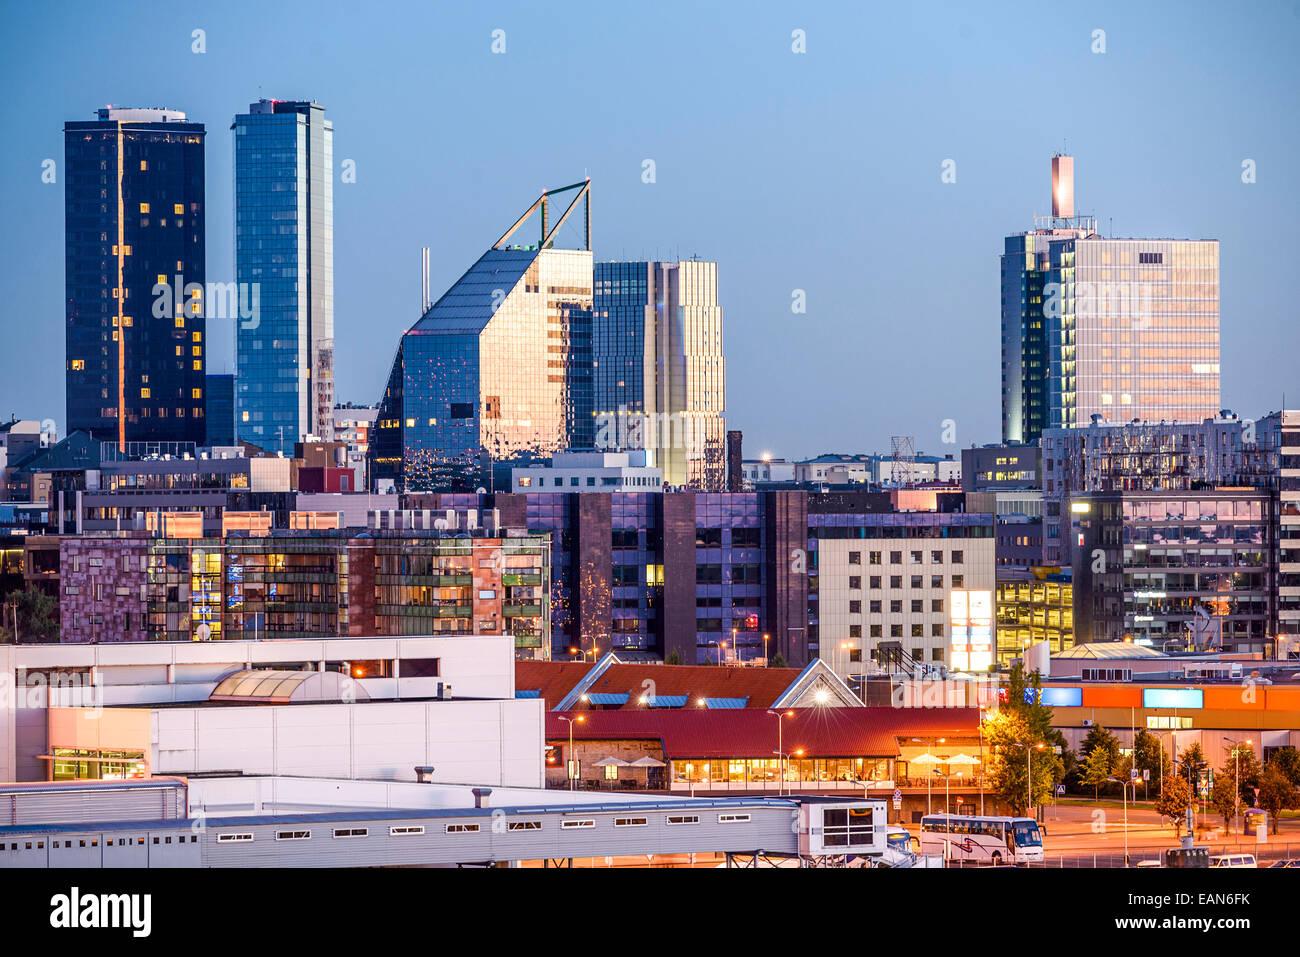 Tallinn, Estonia new city skyline. - Stock Image